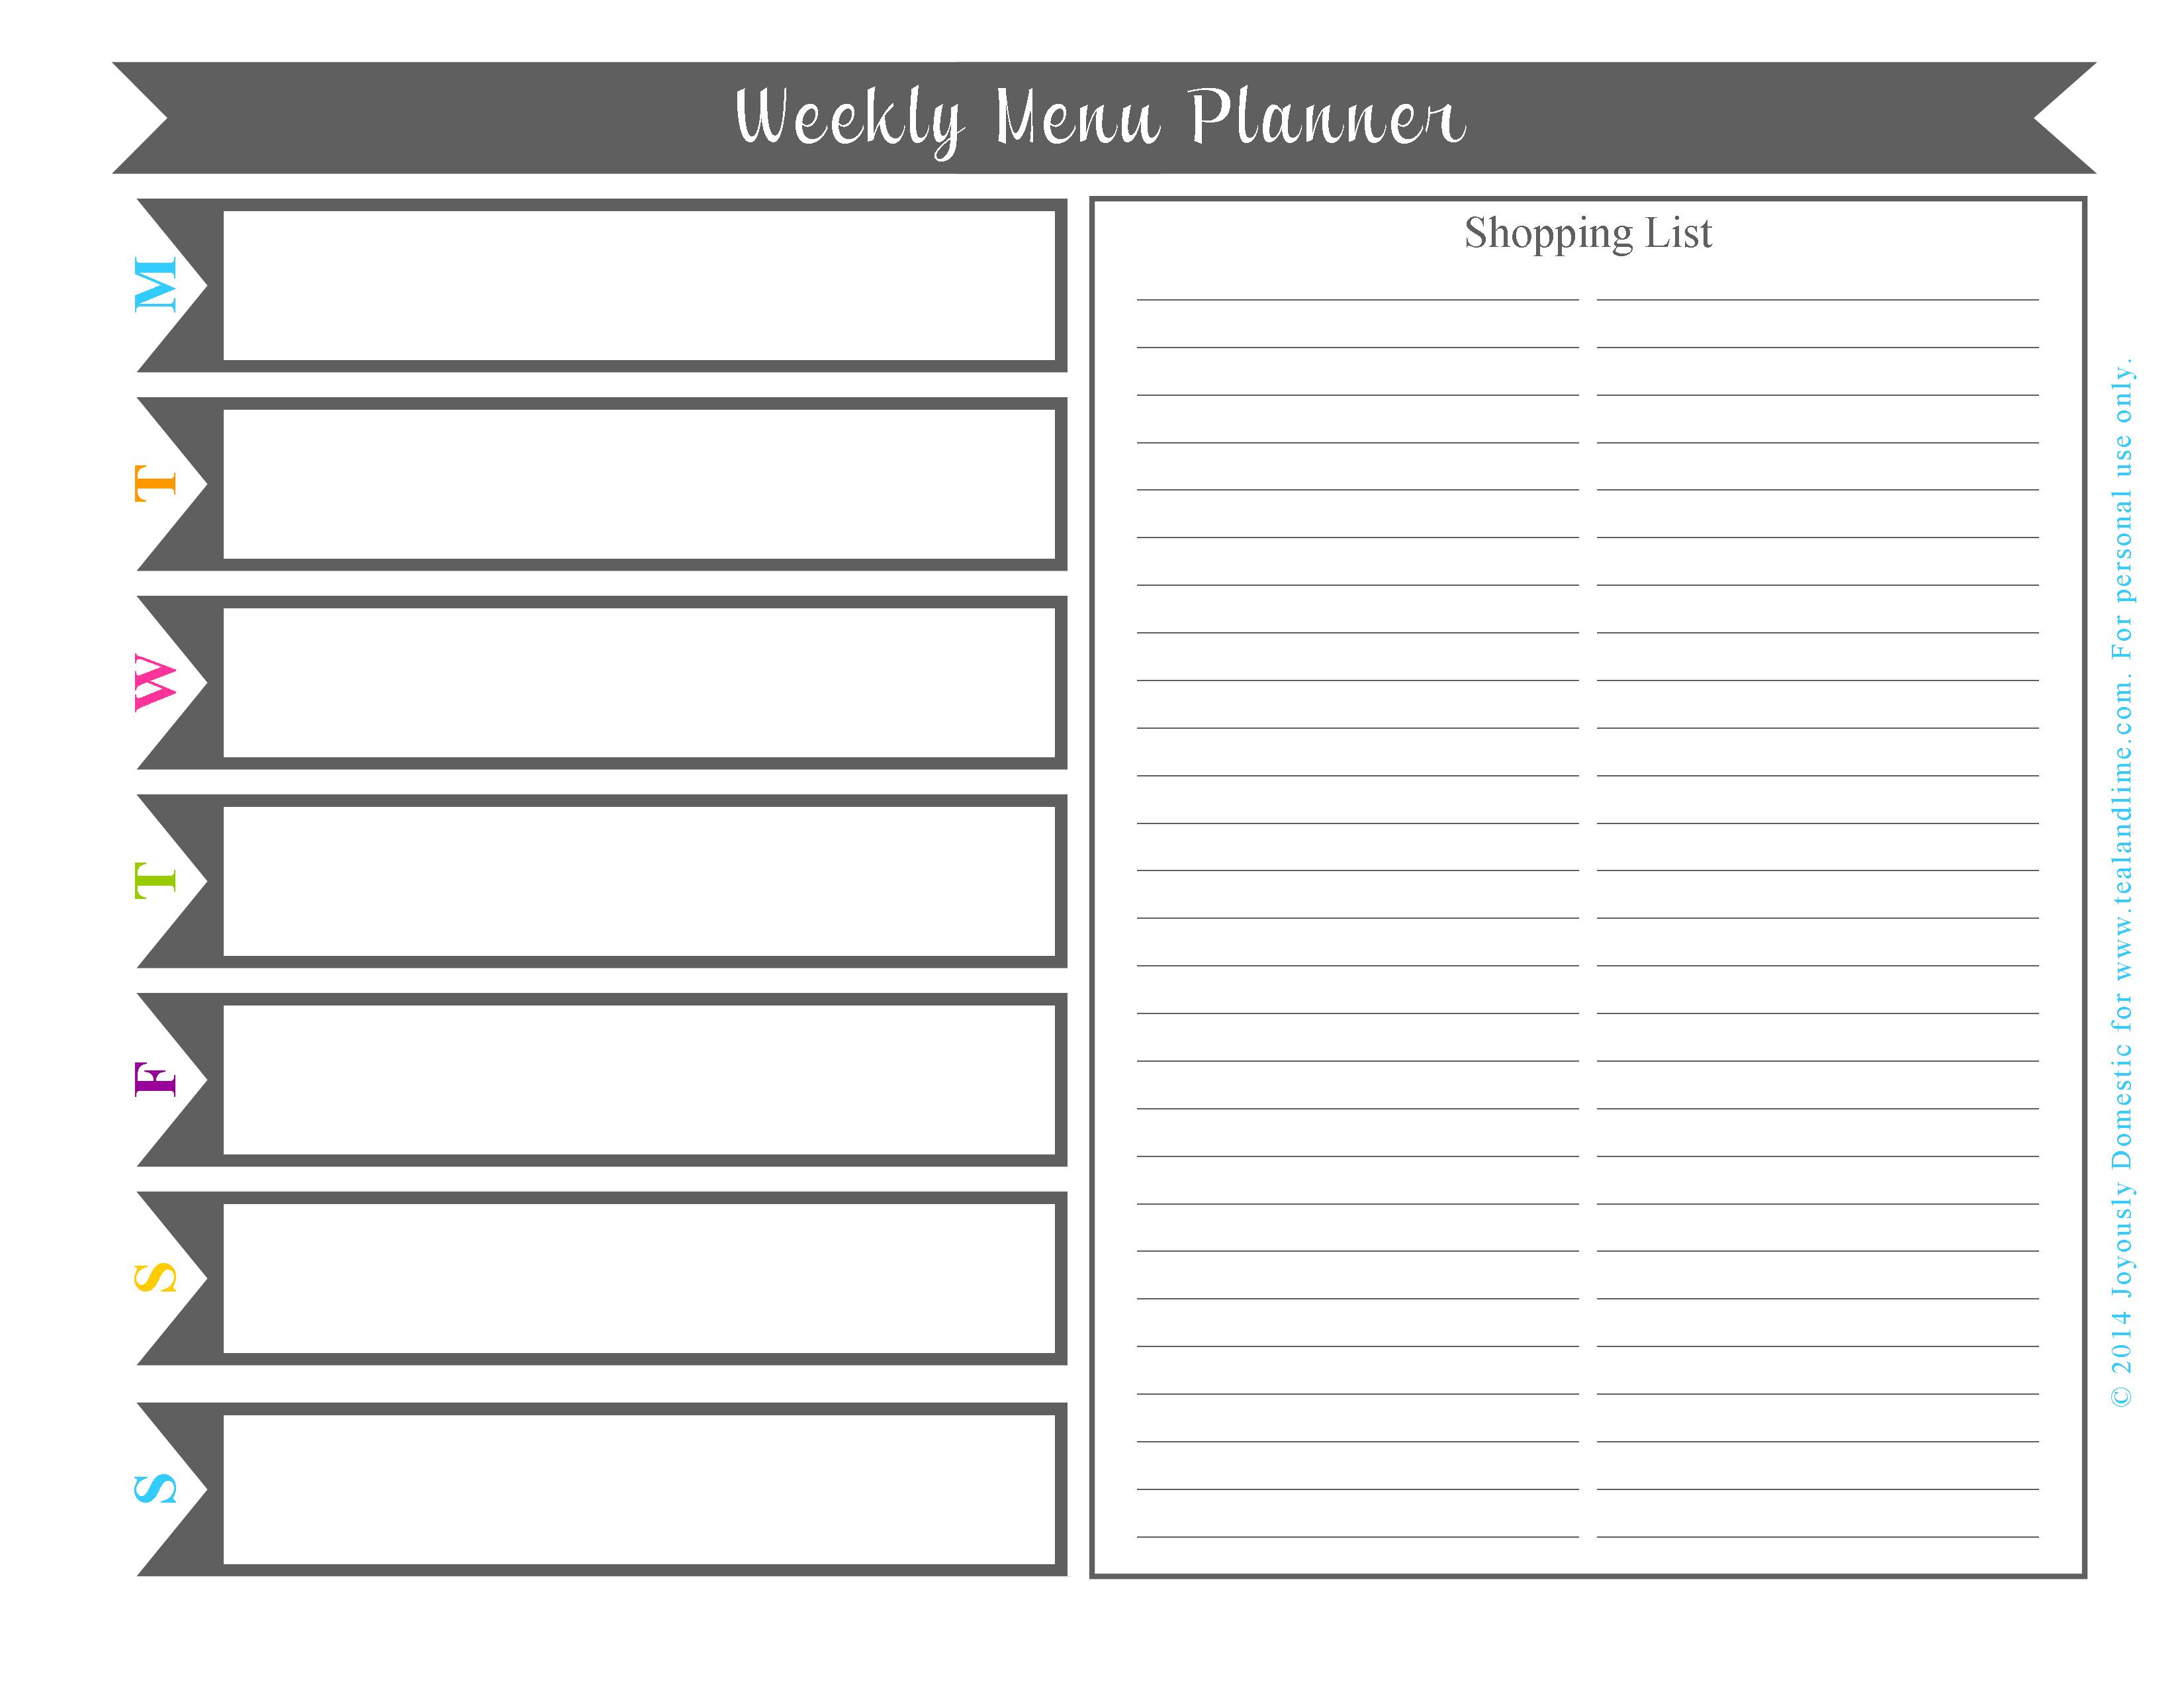 Plan Your Weekly Dinner Menu In Under 30 Minutes (Free Printable) in Monthly Printable Blank Menus To Print